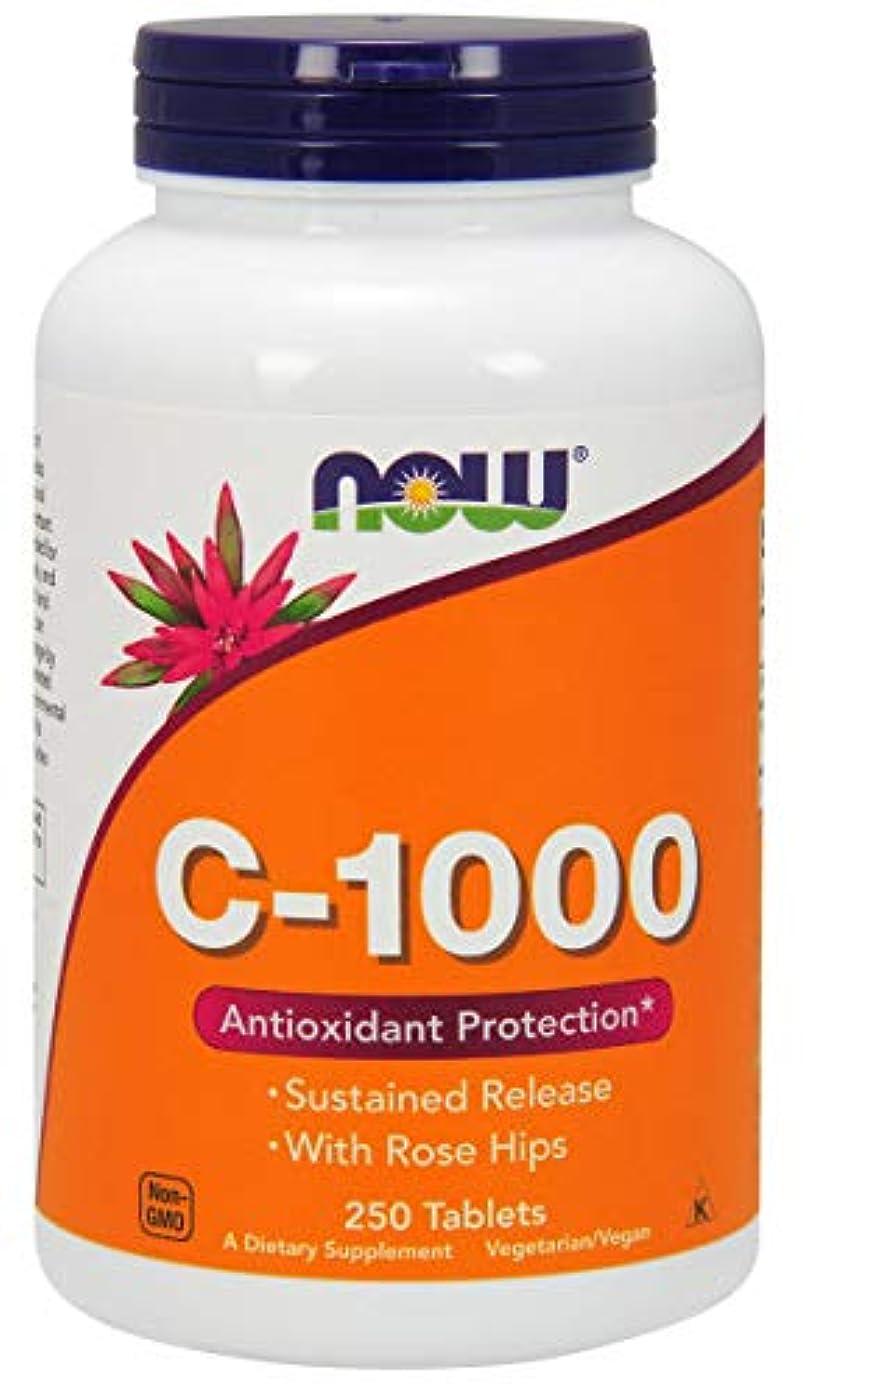 強制的見せます抑圧[海外直送品] ナウフーズ  - バラの実が付いているビタミンC1000の時間解放 - 250錠剤